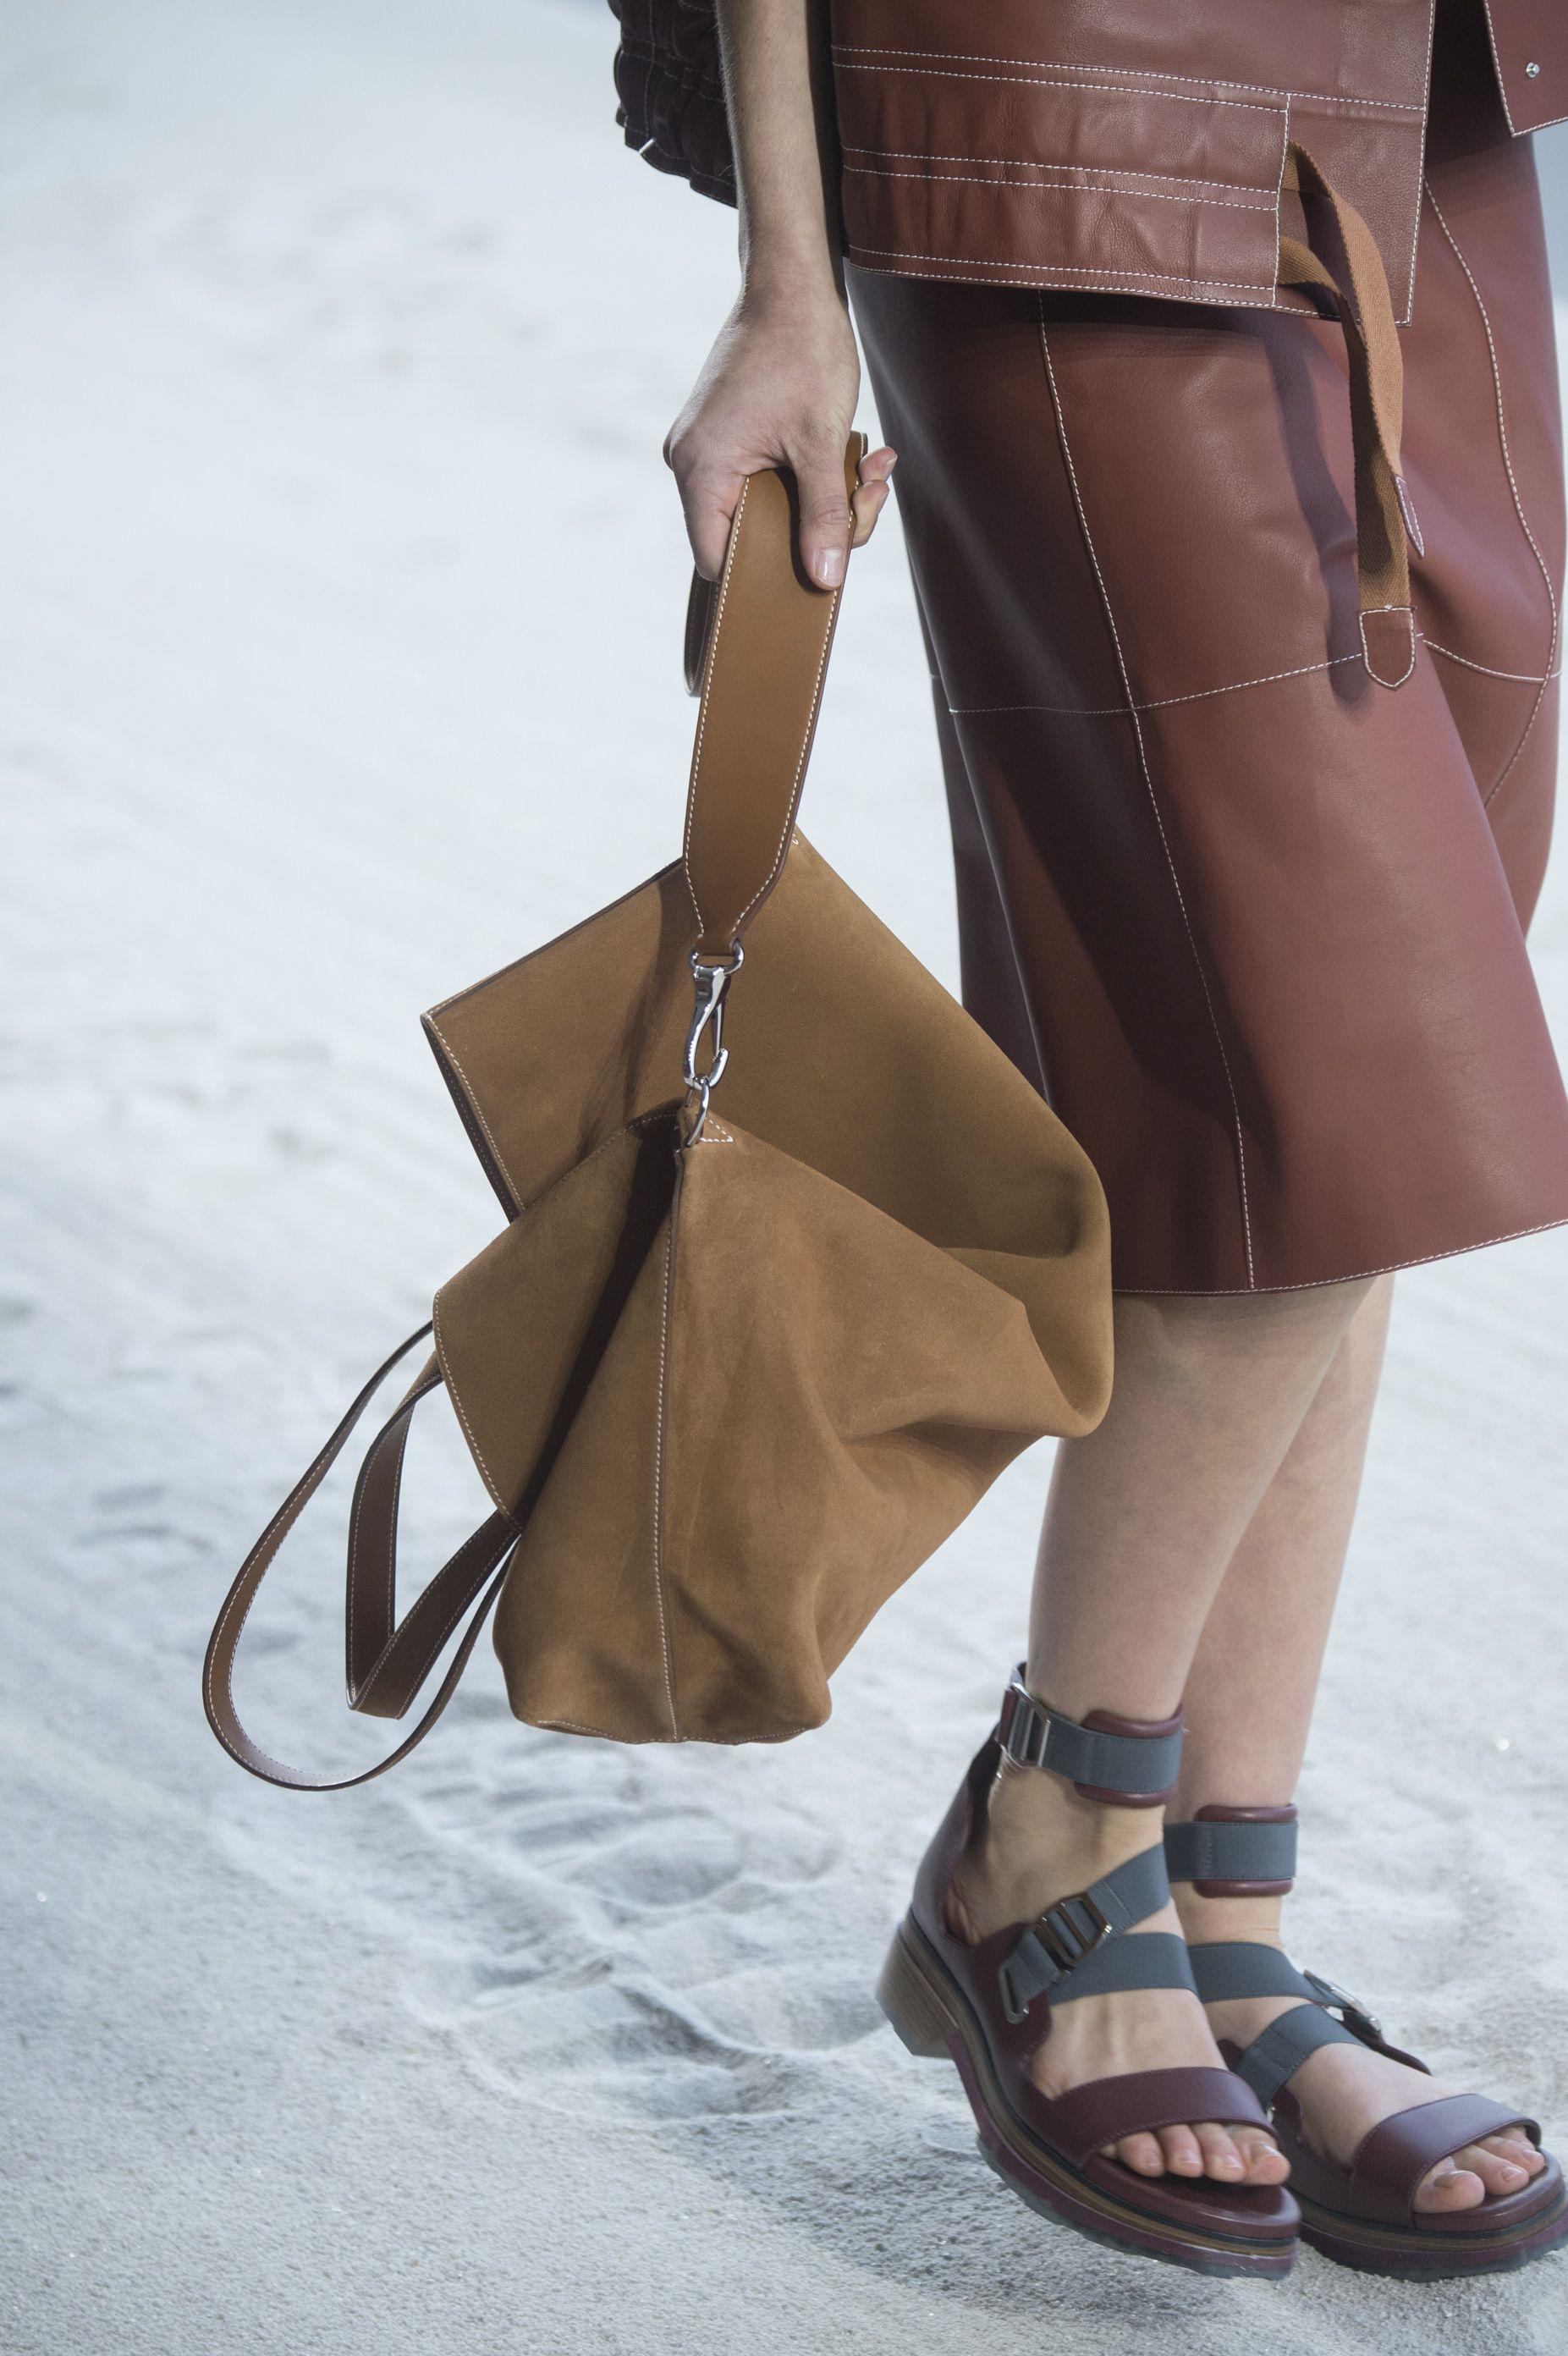 Sono Sandali I Di F6g7by Hermès Eleganti Più Sempre trCdQsh